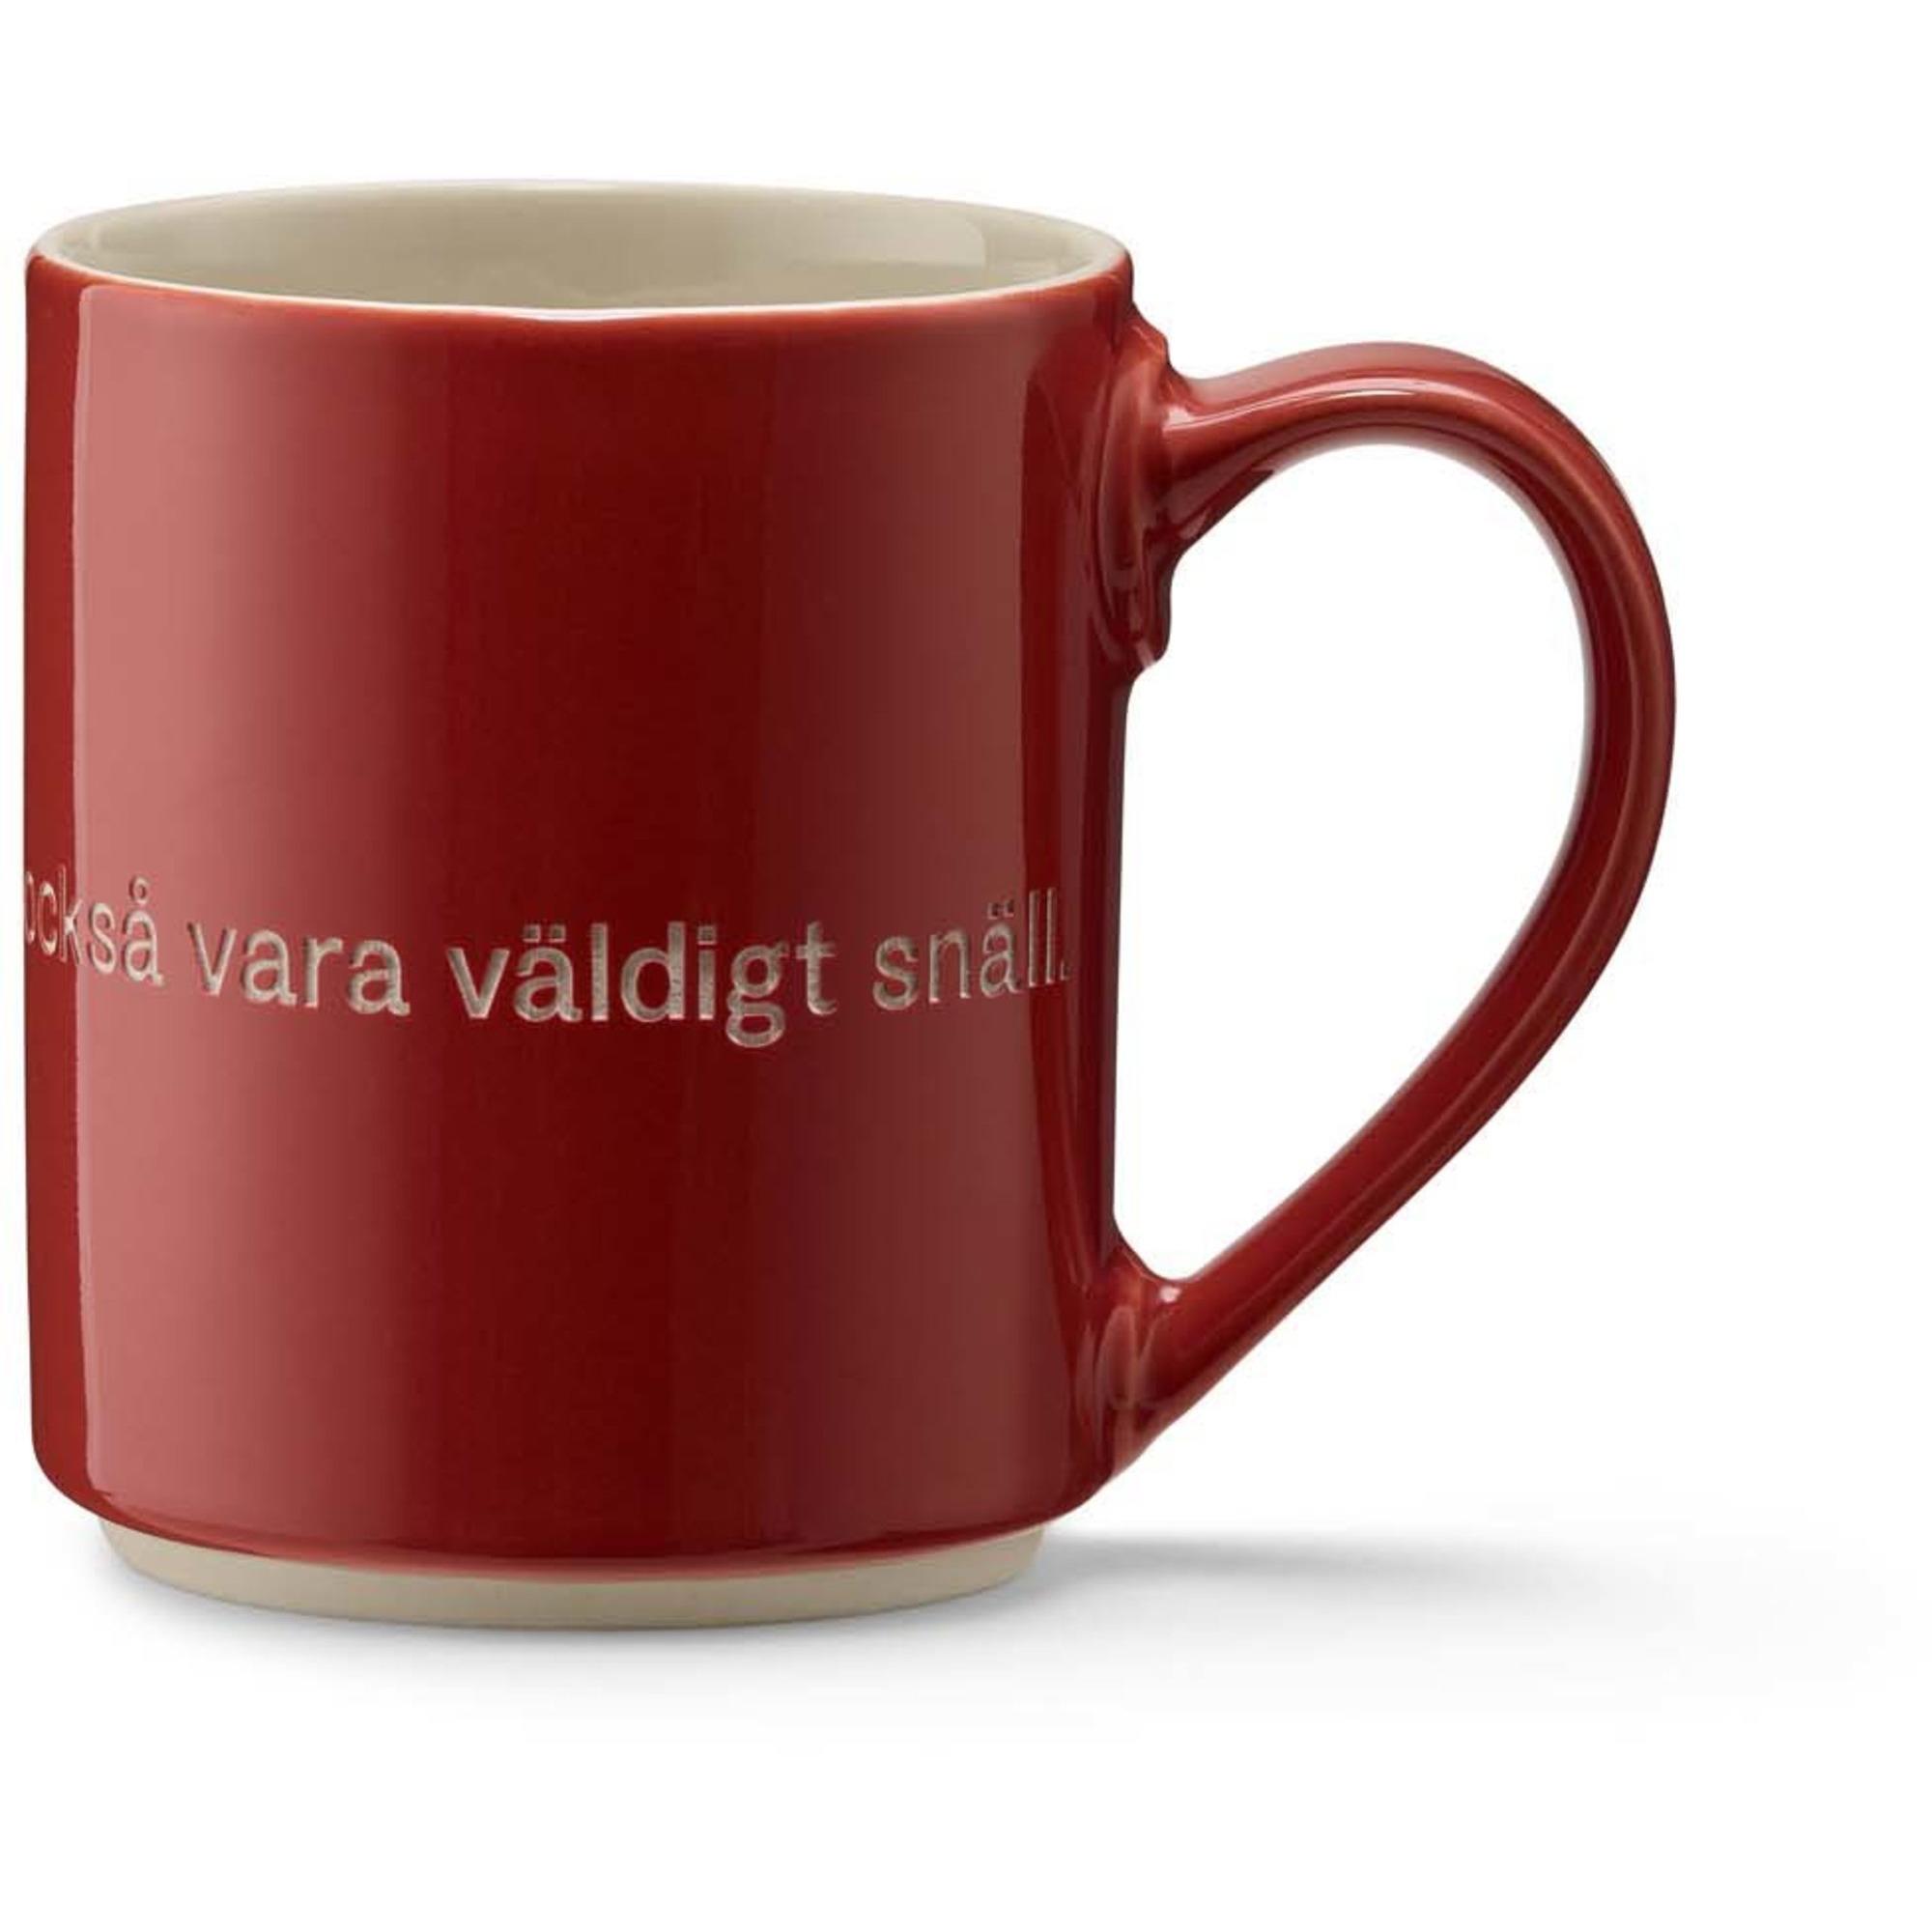 Bilde av Astrid Lindgren Krus, Den Som är Väldigt Stark